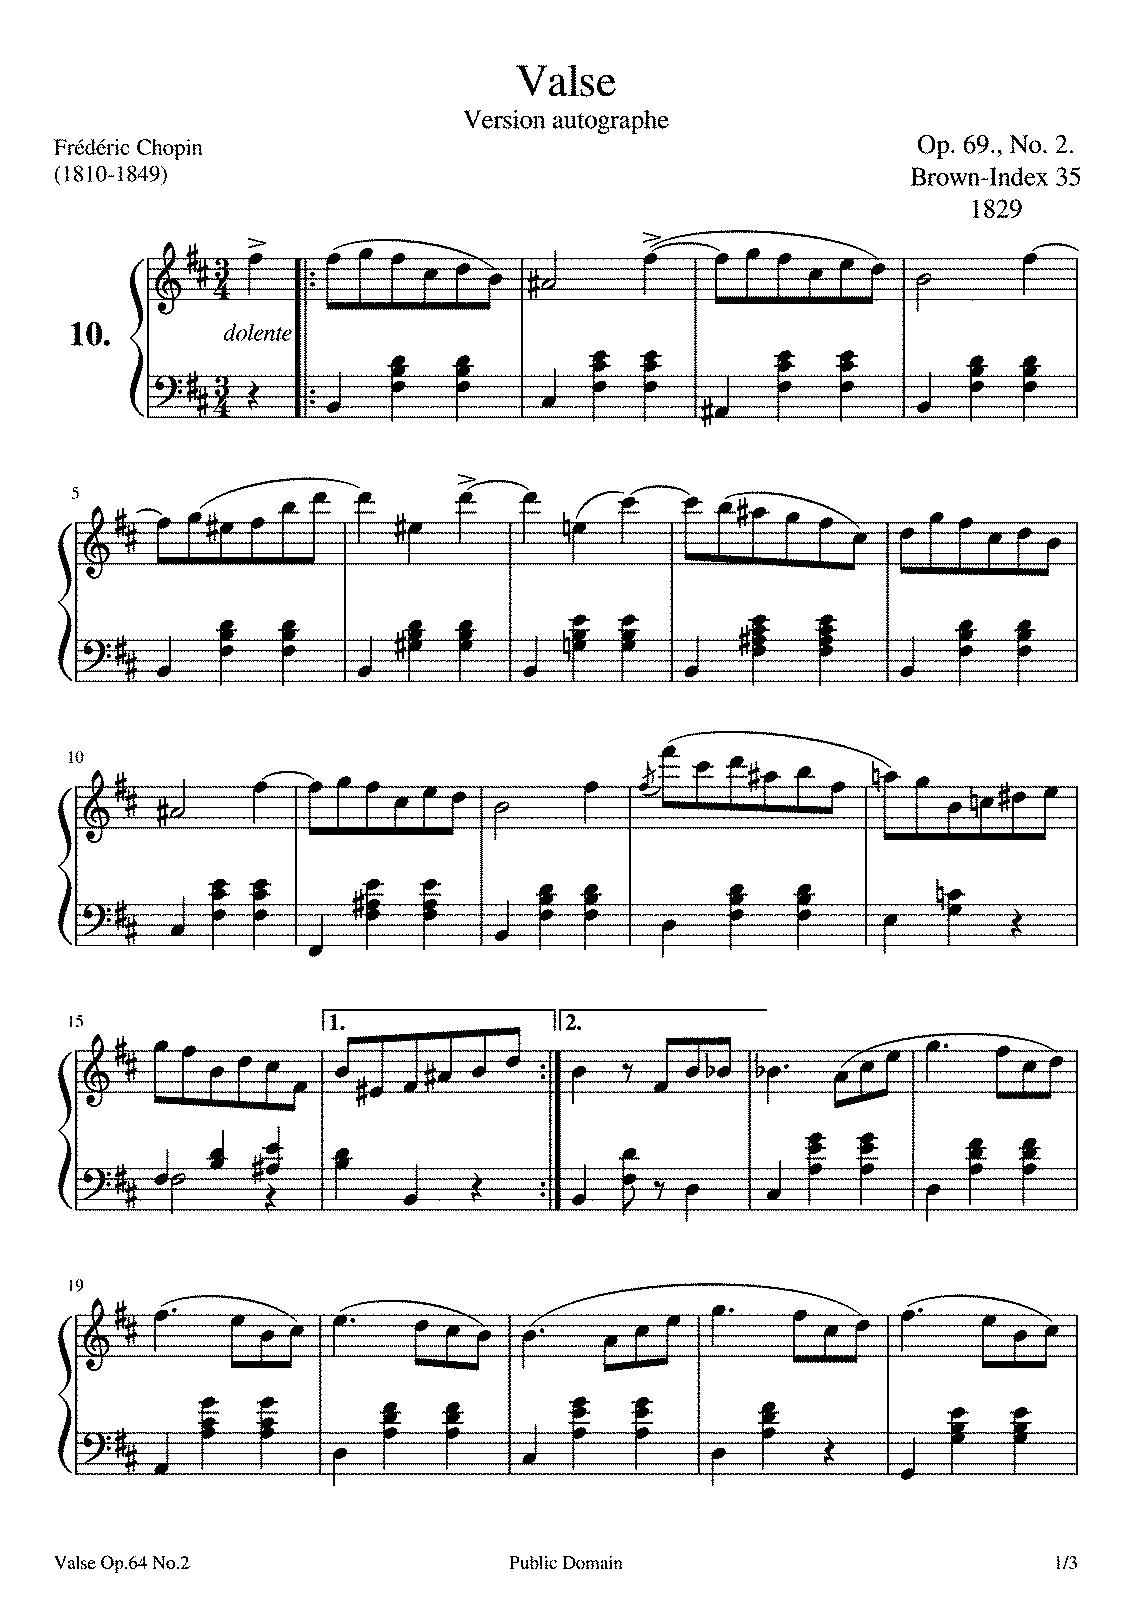 Frédéric Chopin - Waltzes Nos. 1-19 - Ecossaises Op. 72 - Tarantelle Op. 43